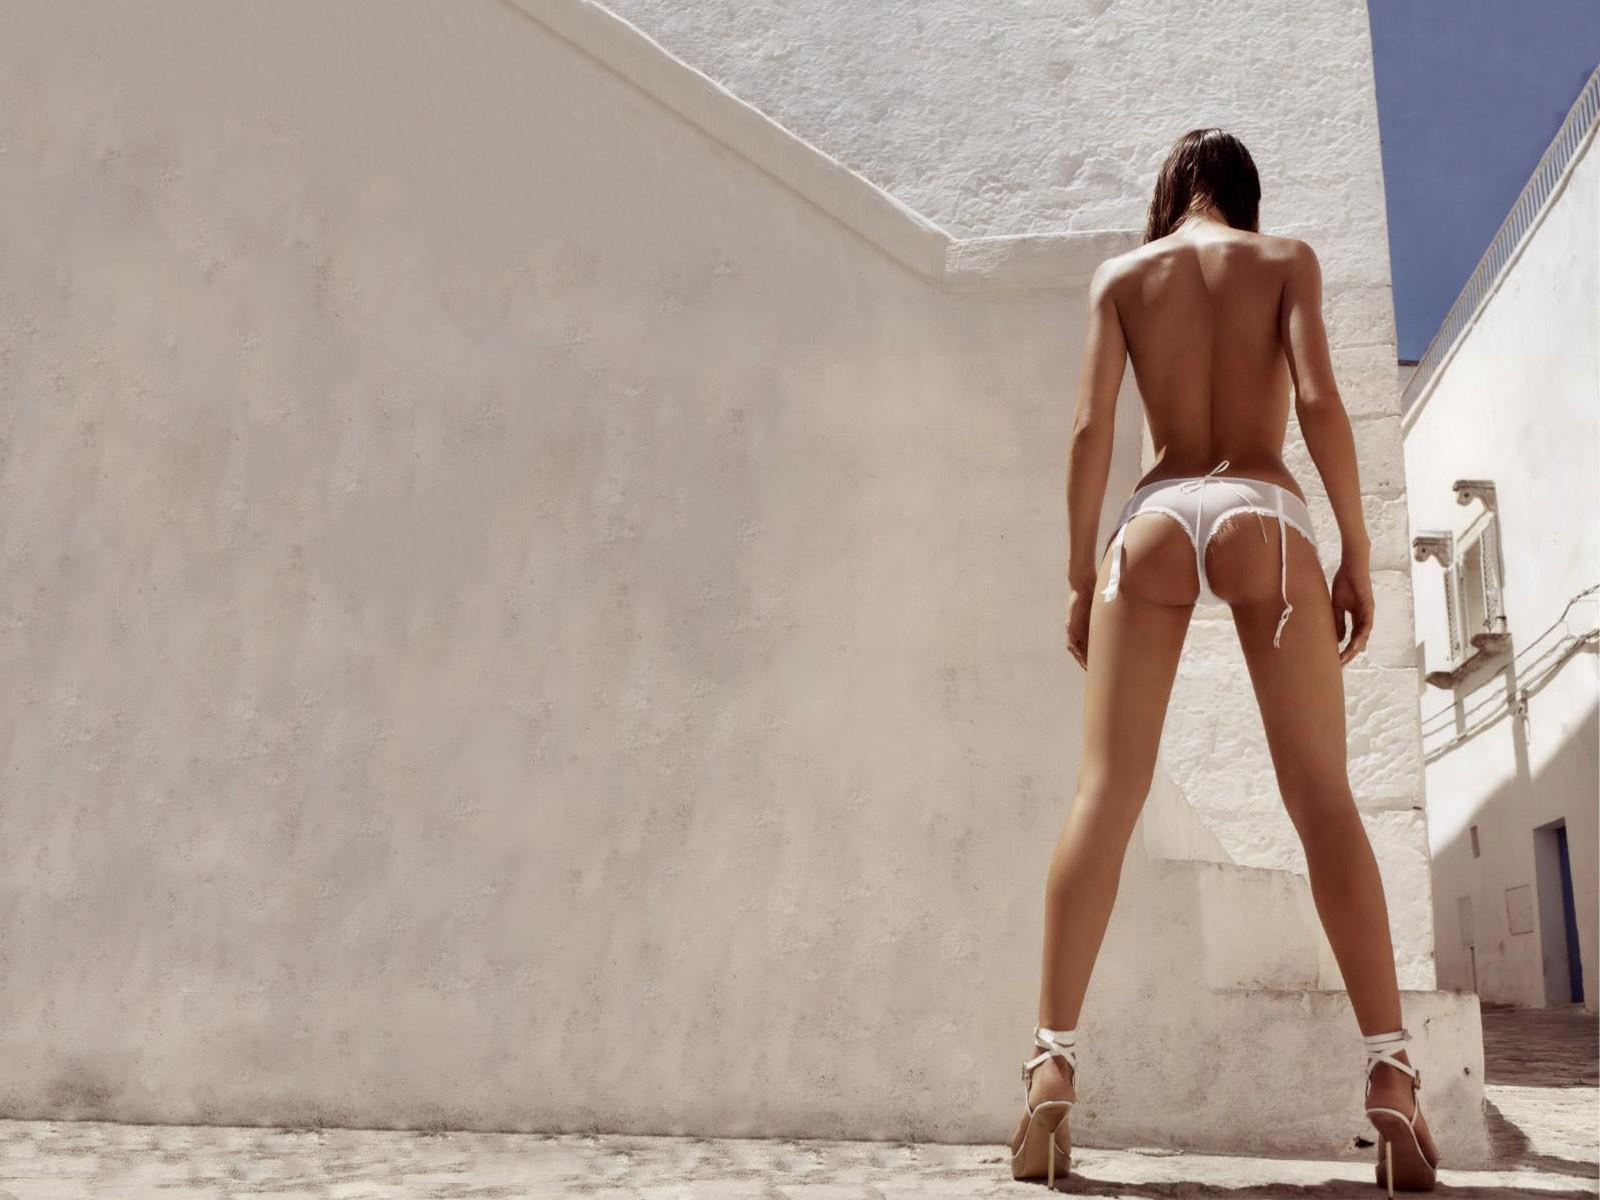 Сексуальные фото девушек вид сзади стоя — 8